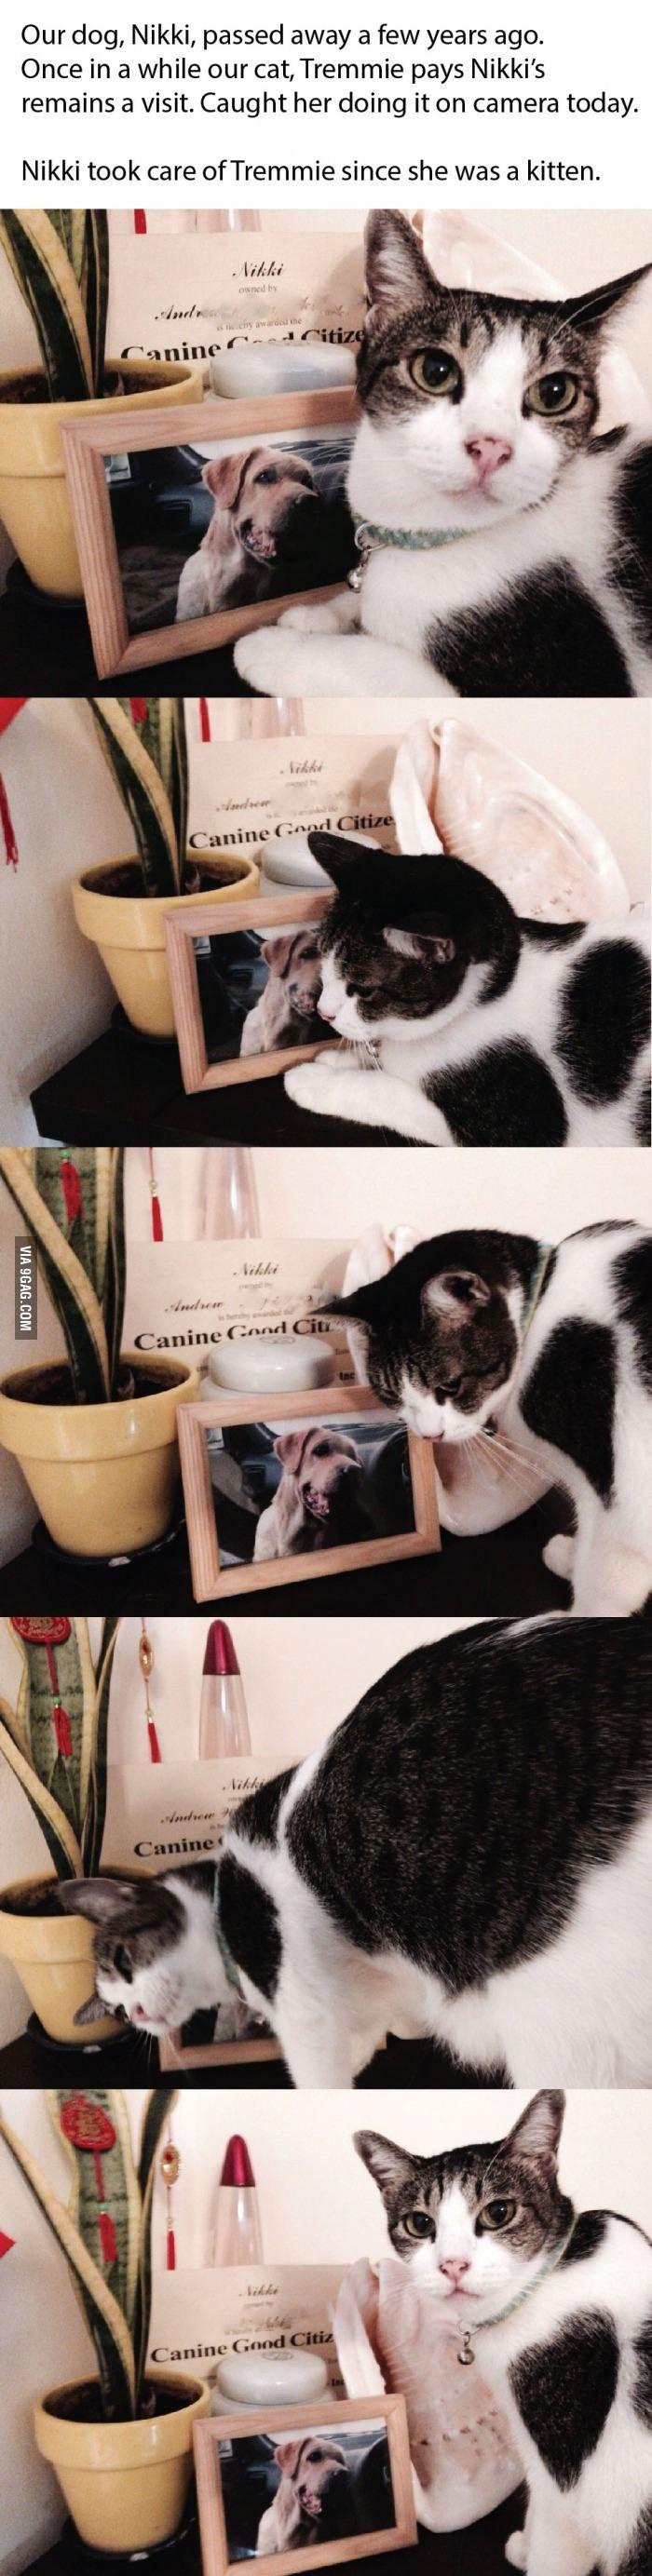 Ungewöhnliche Freundschaften - Katze und Hund......... Sie trauert um ihren Freund und sitzt oft vor seinem Bild und schmust damit, sie vermisst ihren Freund........